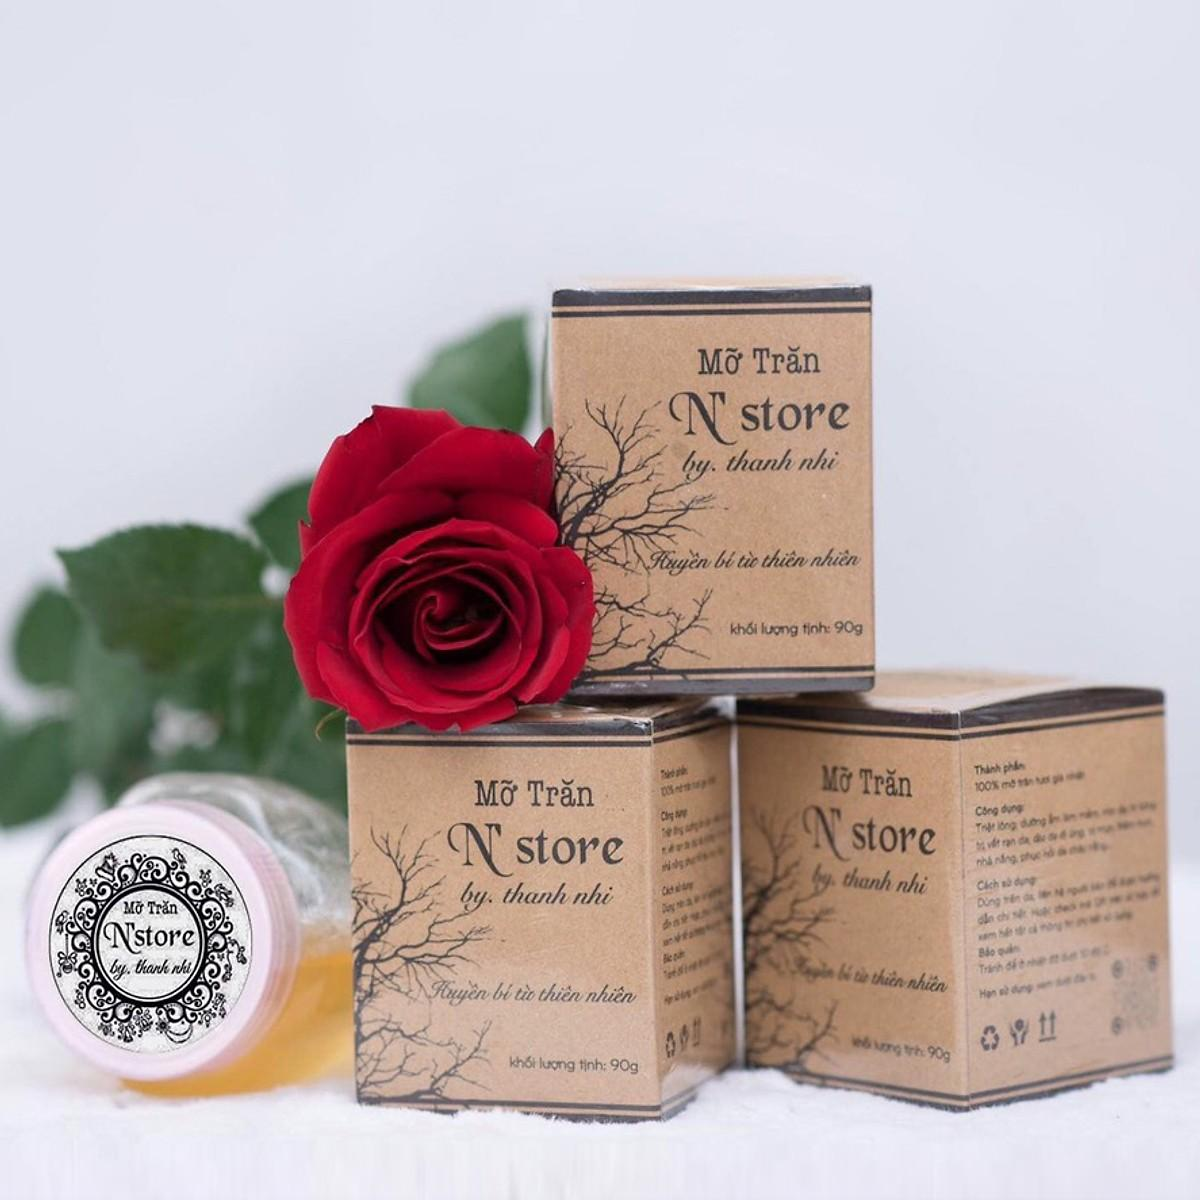 Mỡ trăn N'store – nguyên chất, chính gốc 100% tự nhiên nhập khẩu